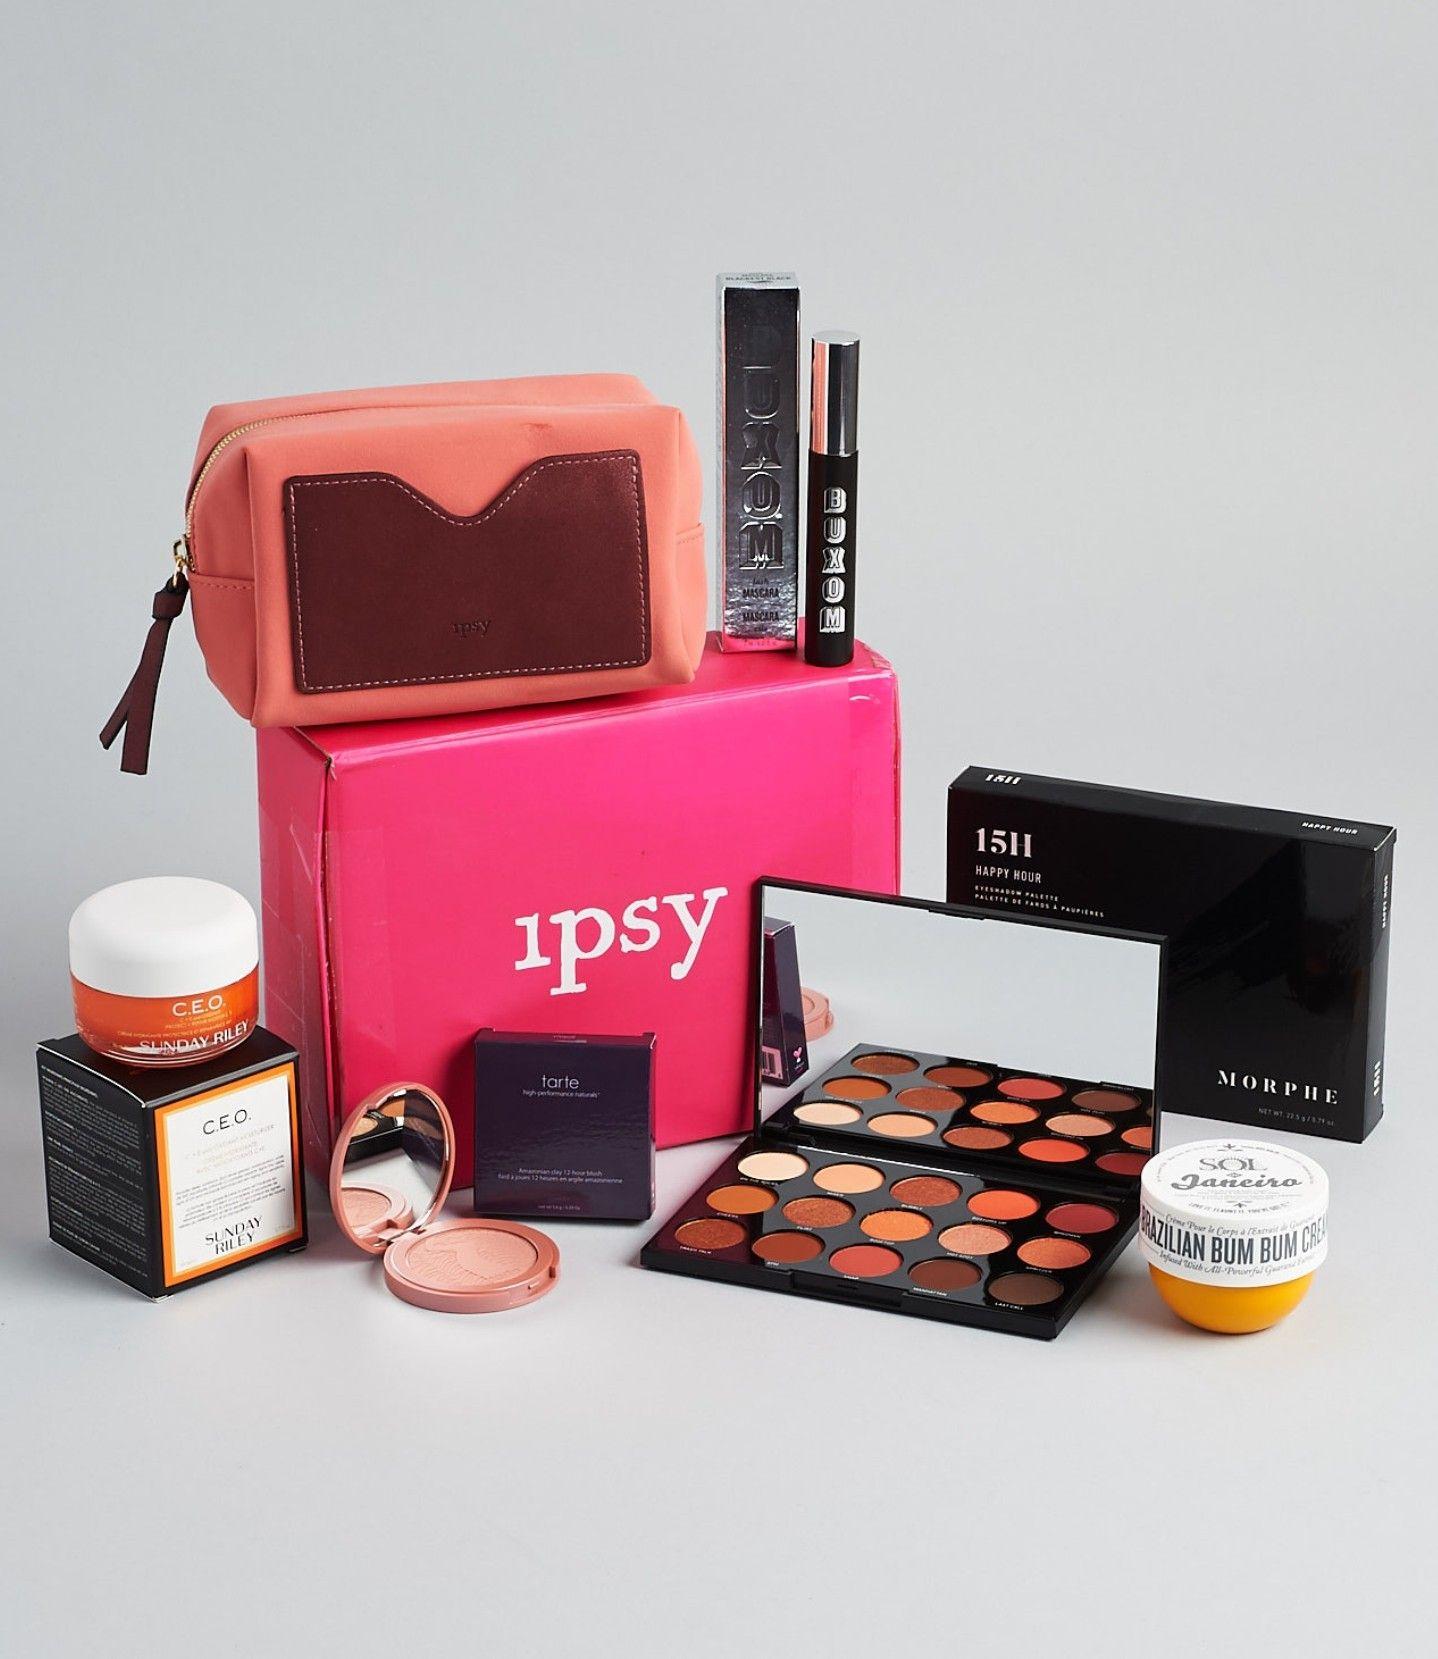 Ipsy Beauty Glam Box in 2020 Ipsy beauty box, Ipsy, Ipsy